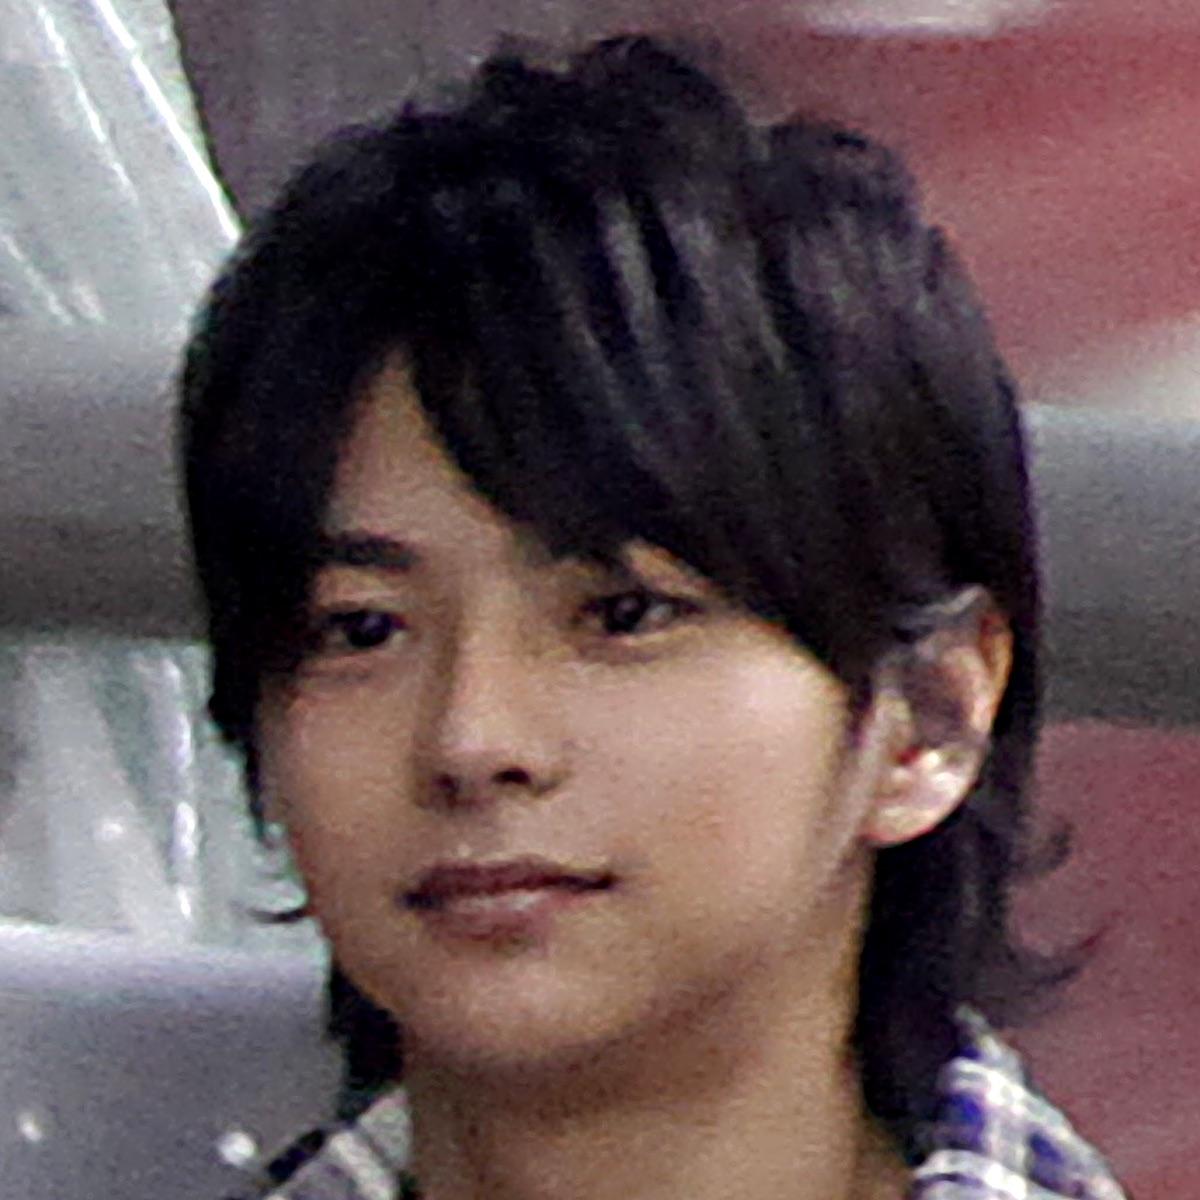 佐藤勝利 ブログ ツイッター